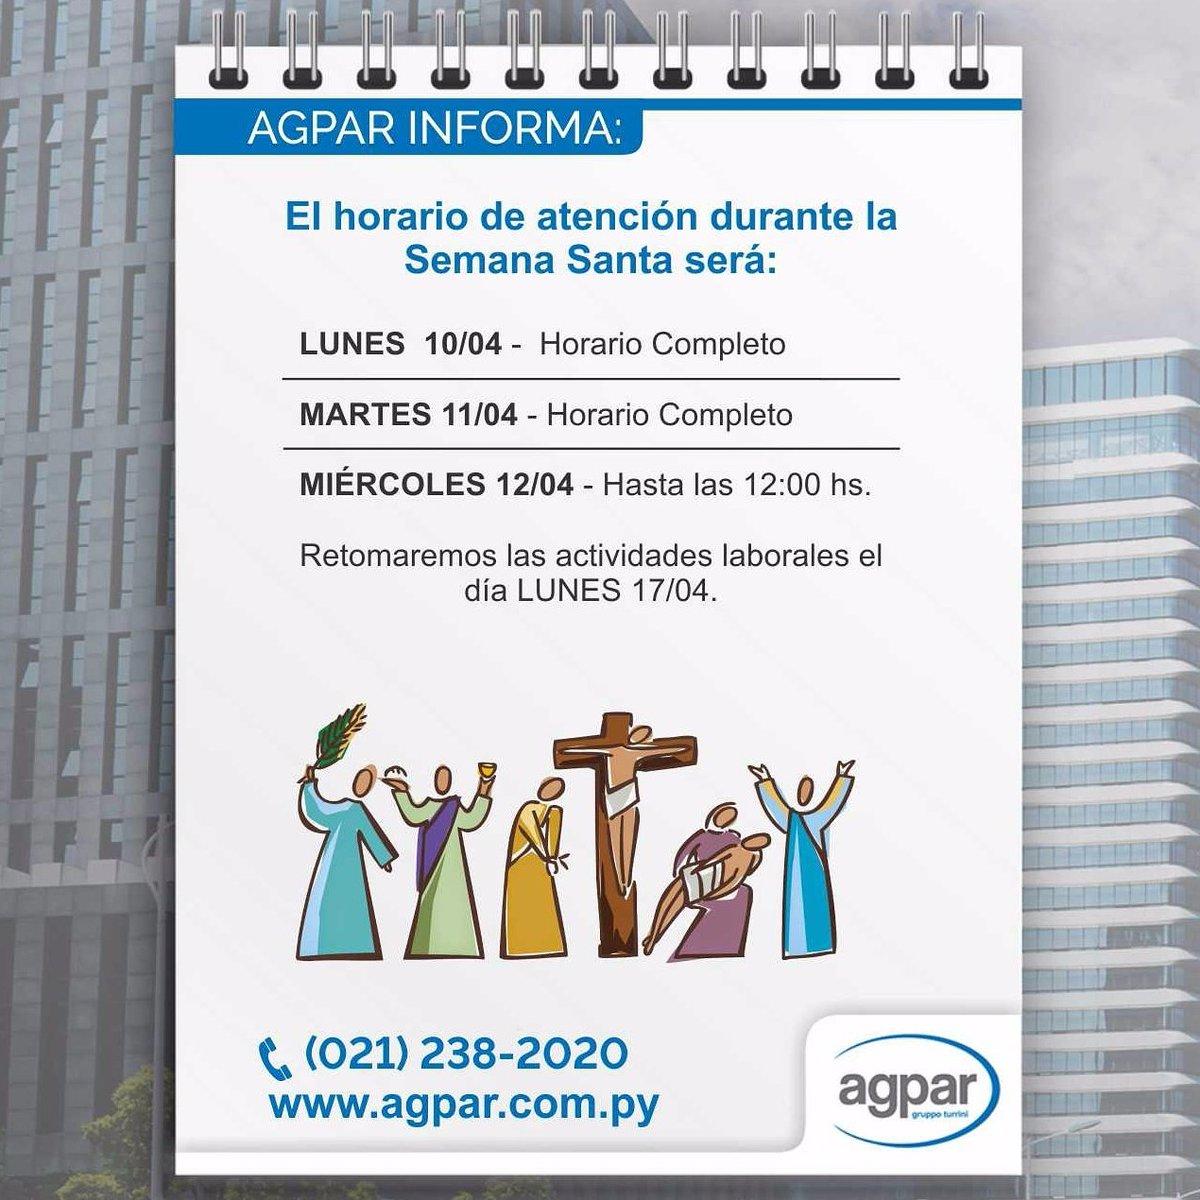 ⚠ Importante! Nuestro #horario de #SemanaSanta en #Agpar https://t.co/ltHoOV2q0O